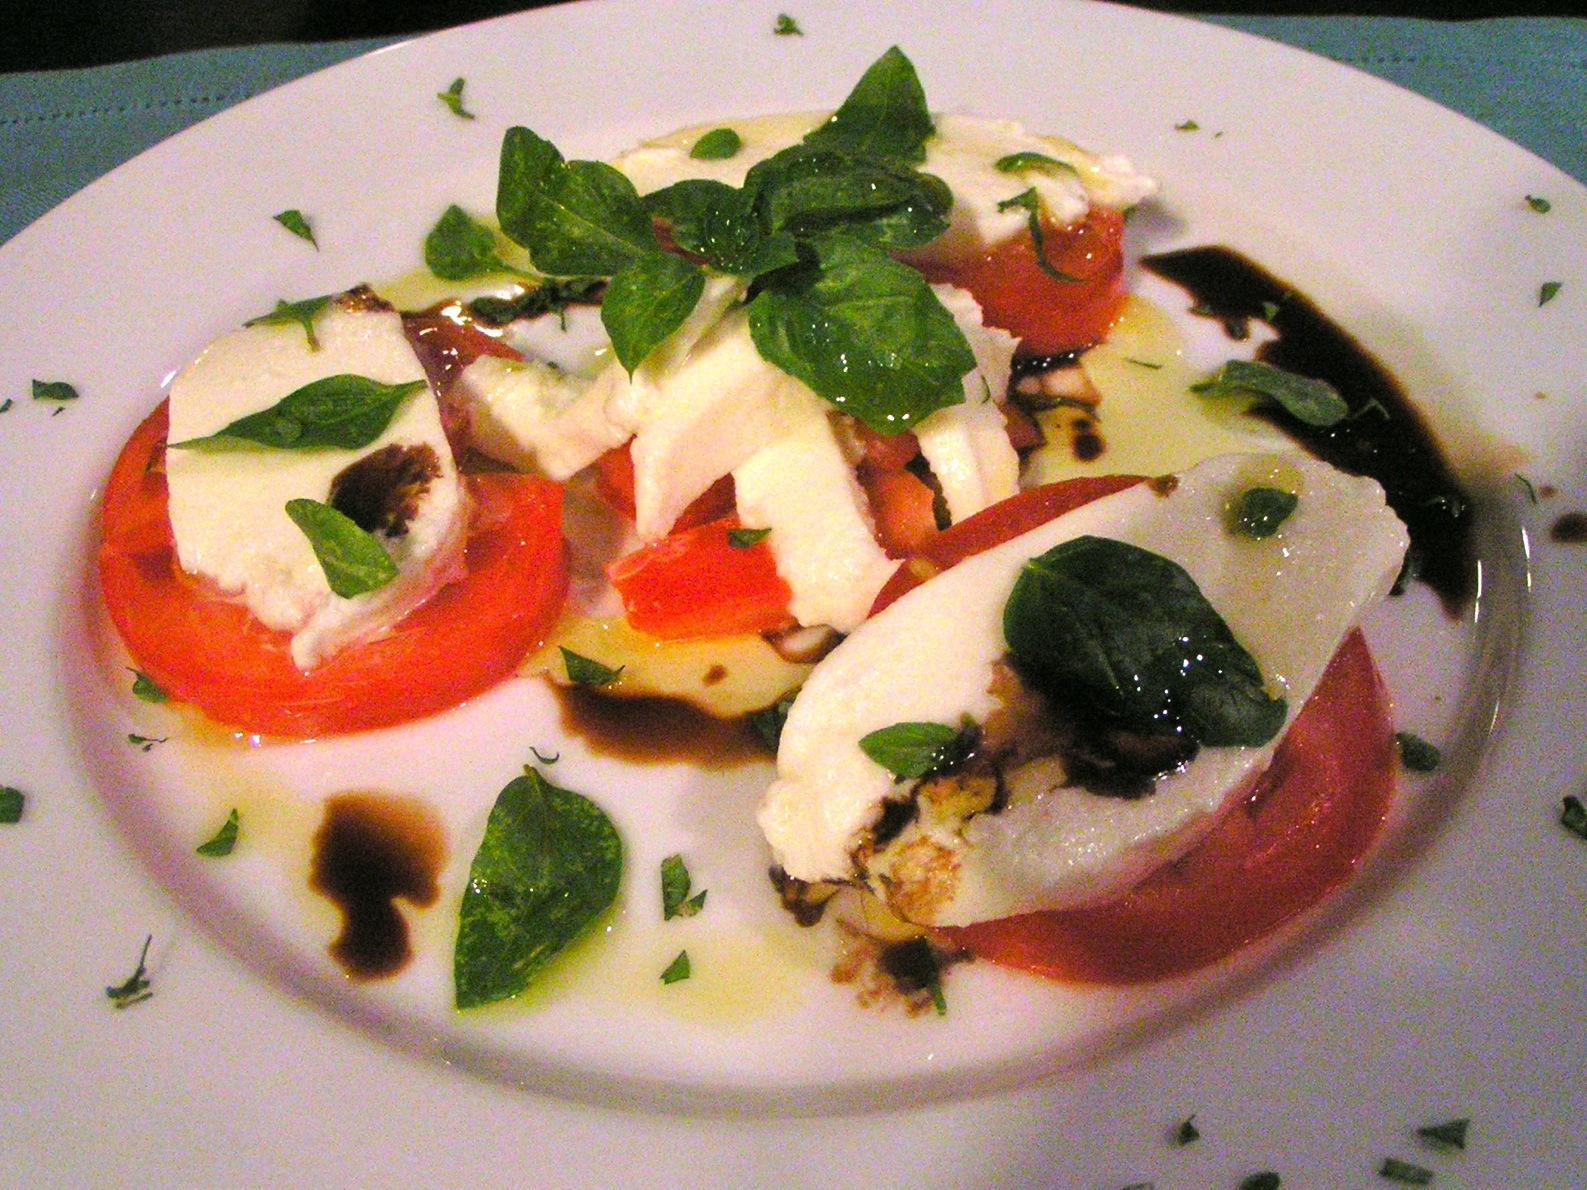 ντοματάκια με μοτσαρέλα - σαλάτα Καπρέζε (Caprese)